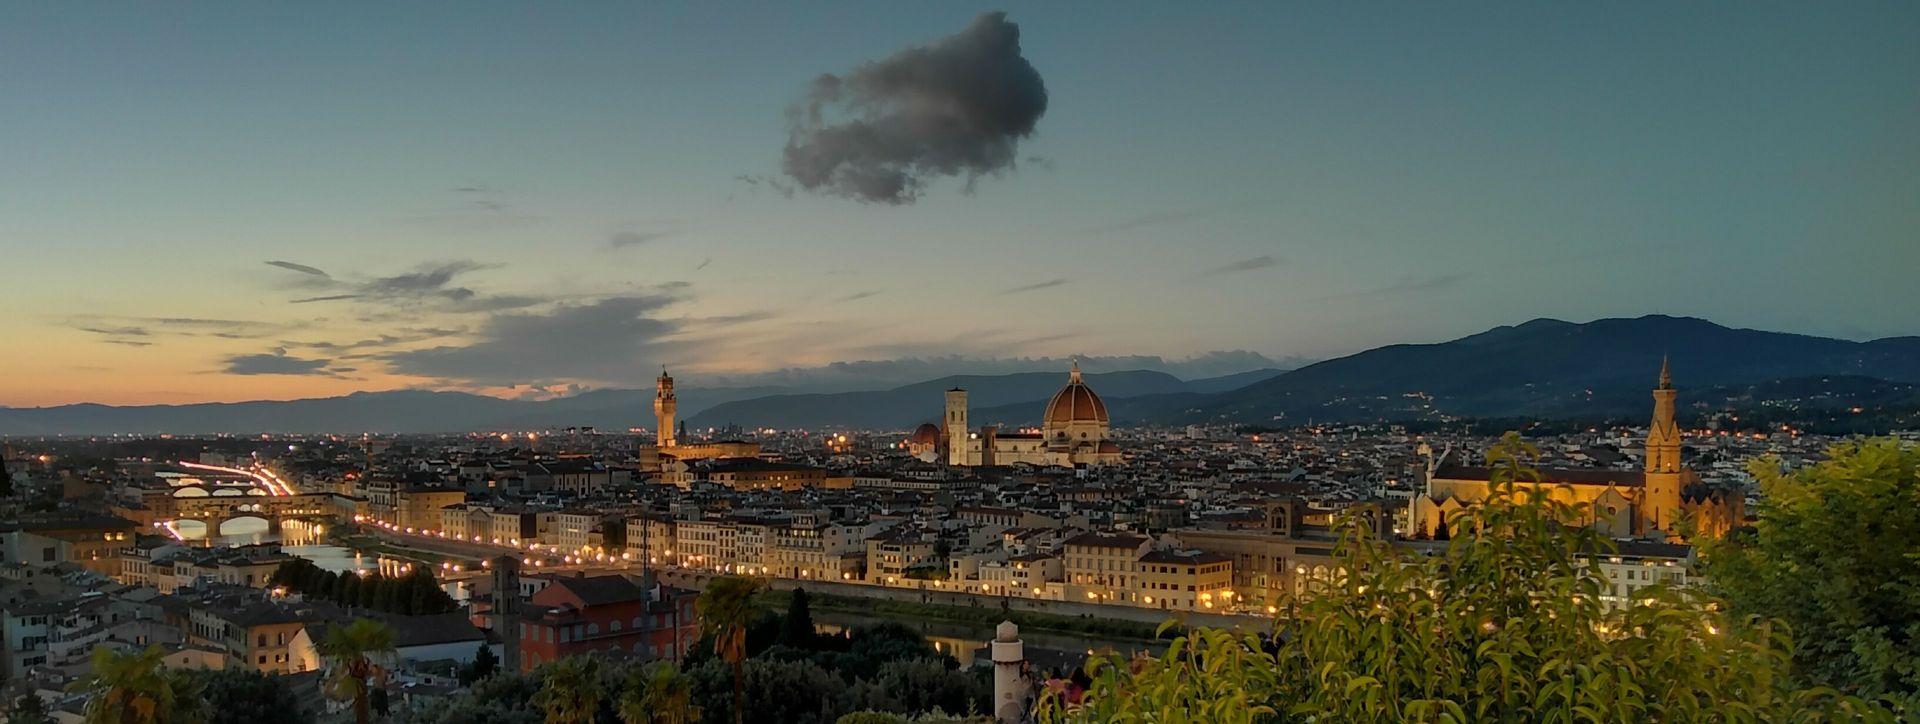 Aufnahme - Stativ - Smartphone Huawei - Toskana - Florenz